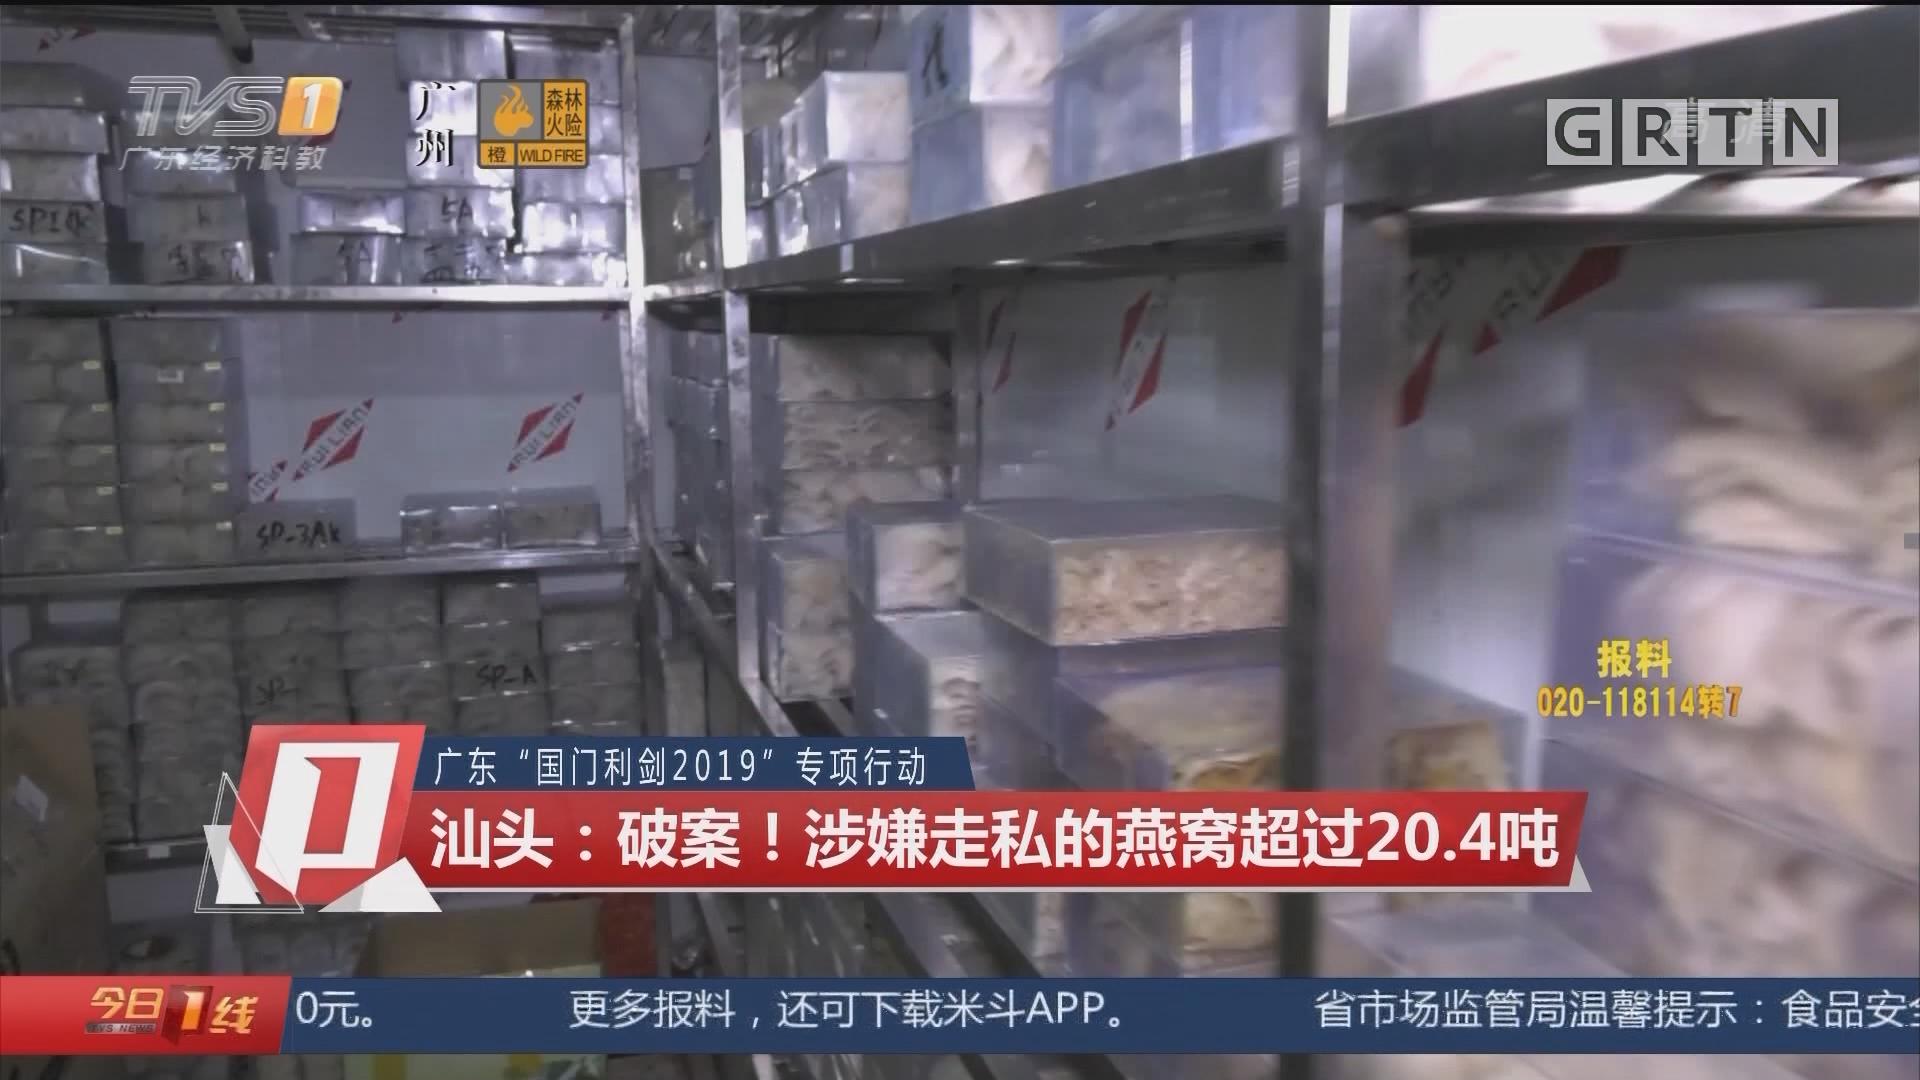 """广东""""国门利剑2019""""专项行动 汕头:破案!涉嫌走私的燕窝超过20.4吨"""